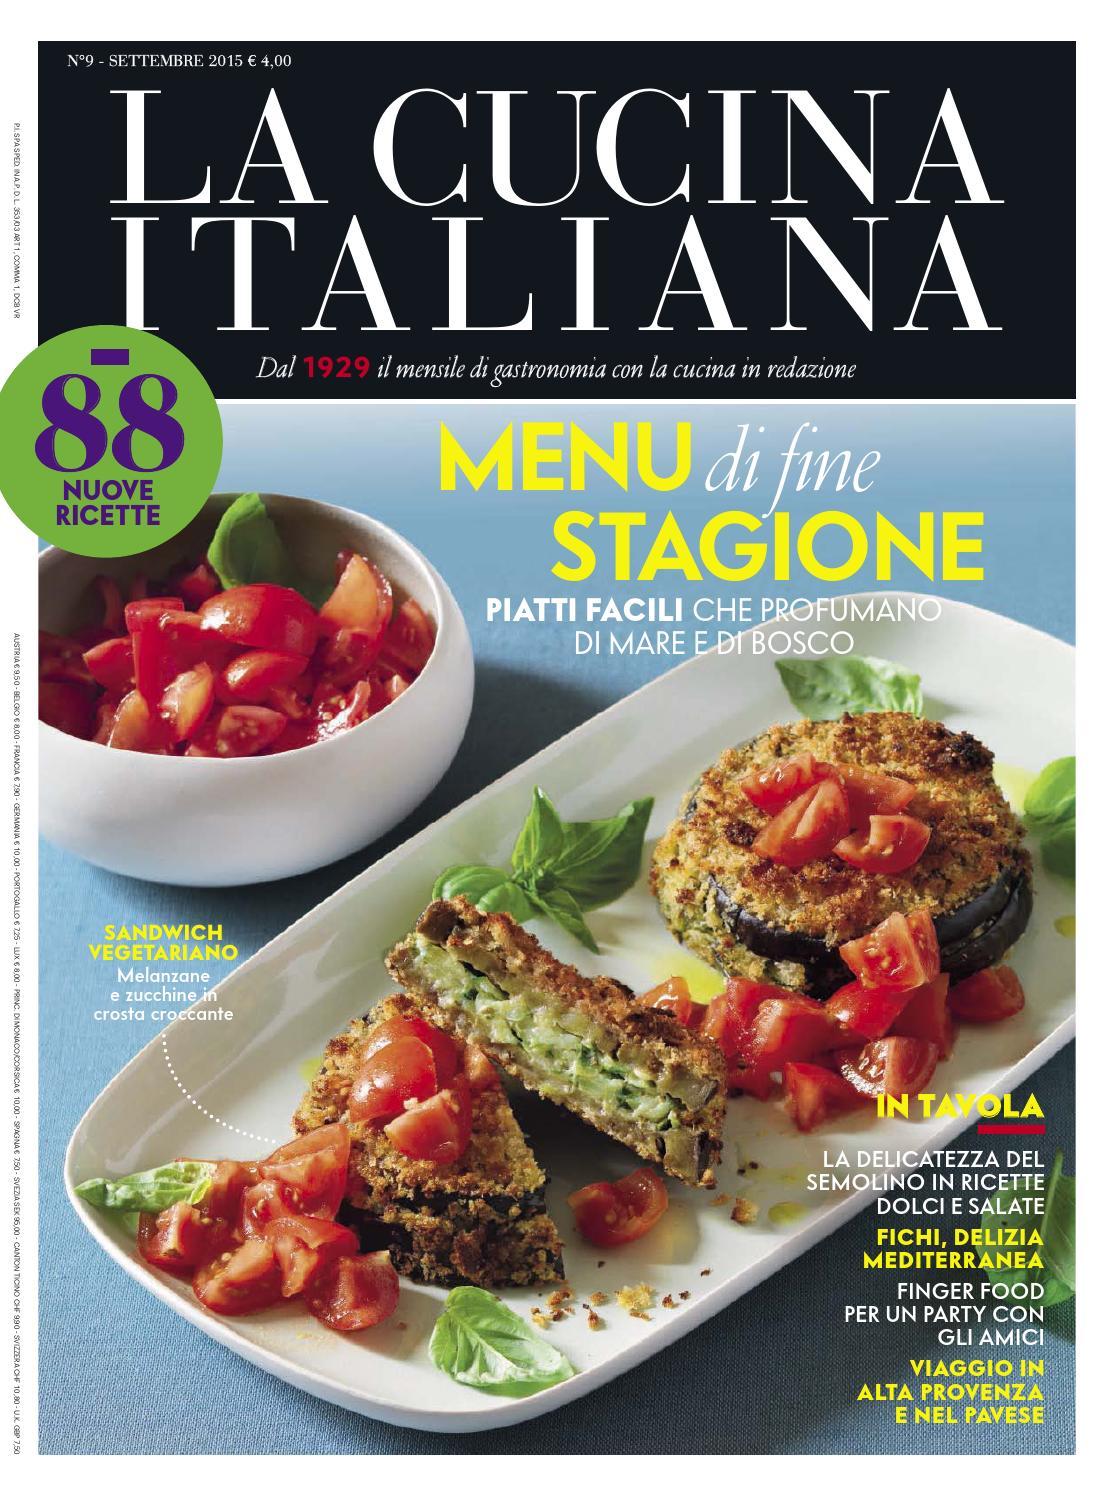 Ricette antiche di cucina italiana ricette casalinghe - Cucina italiana ricette ...